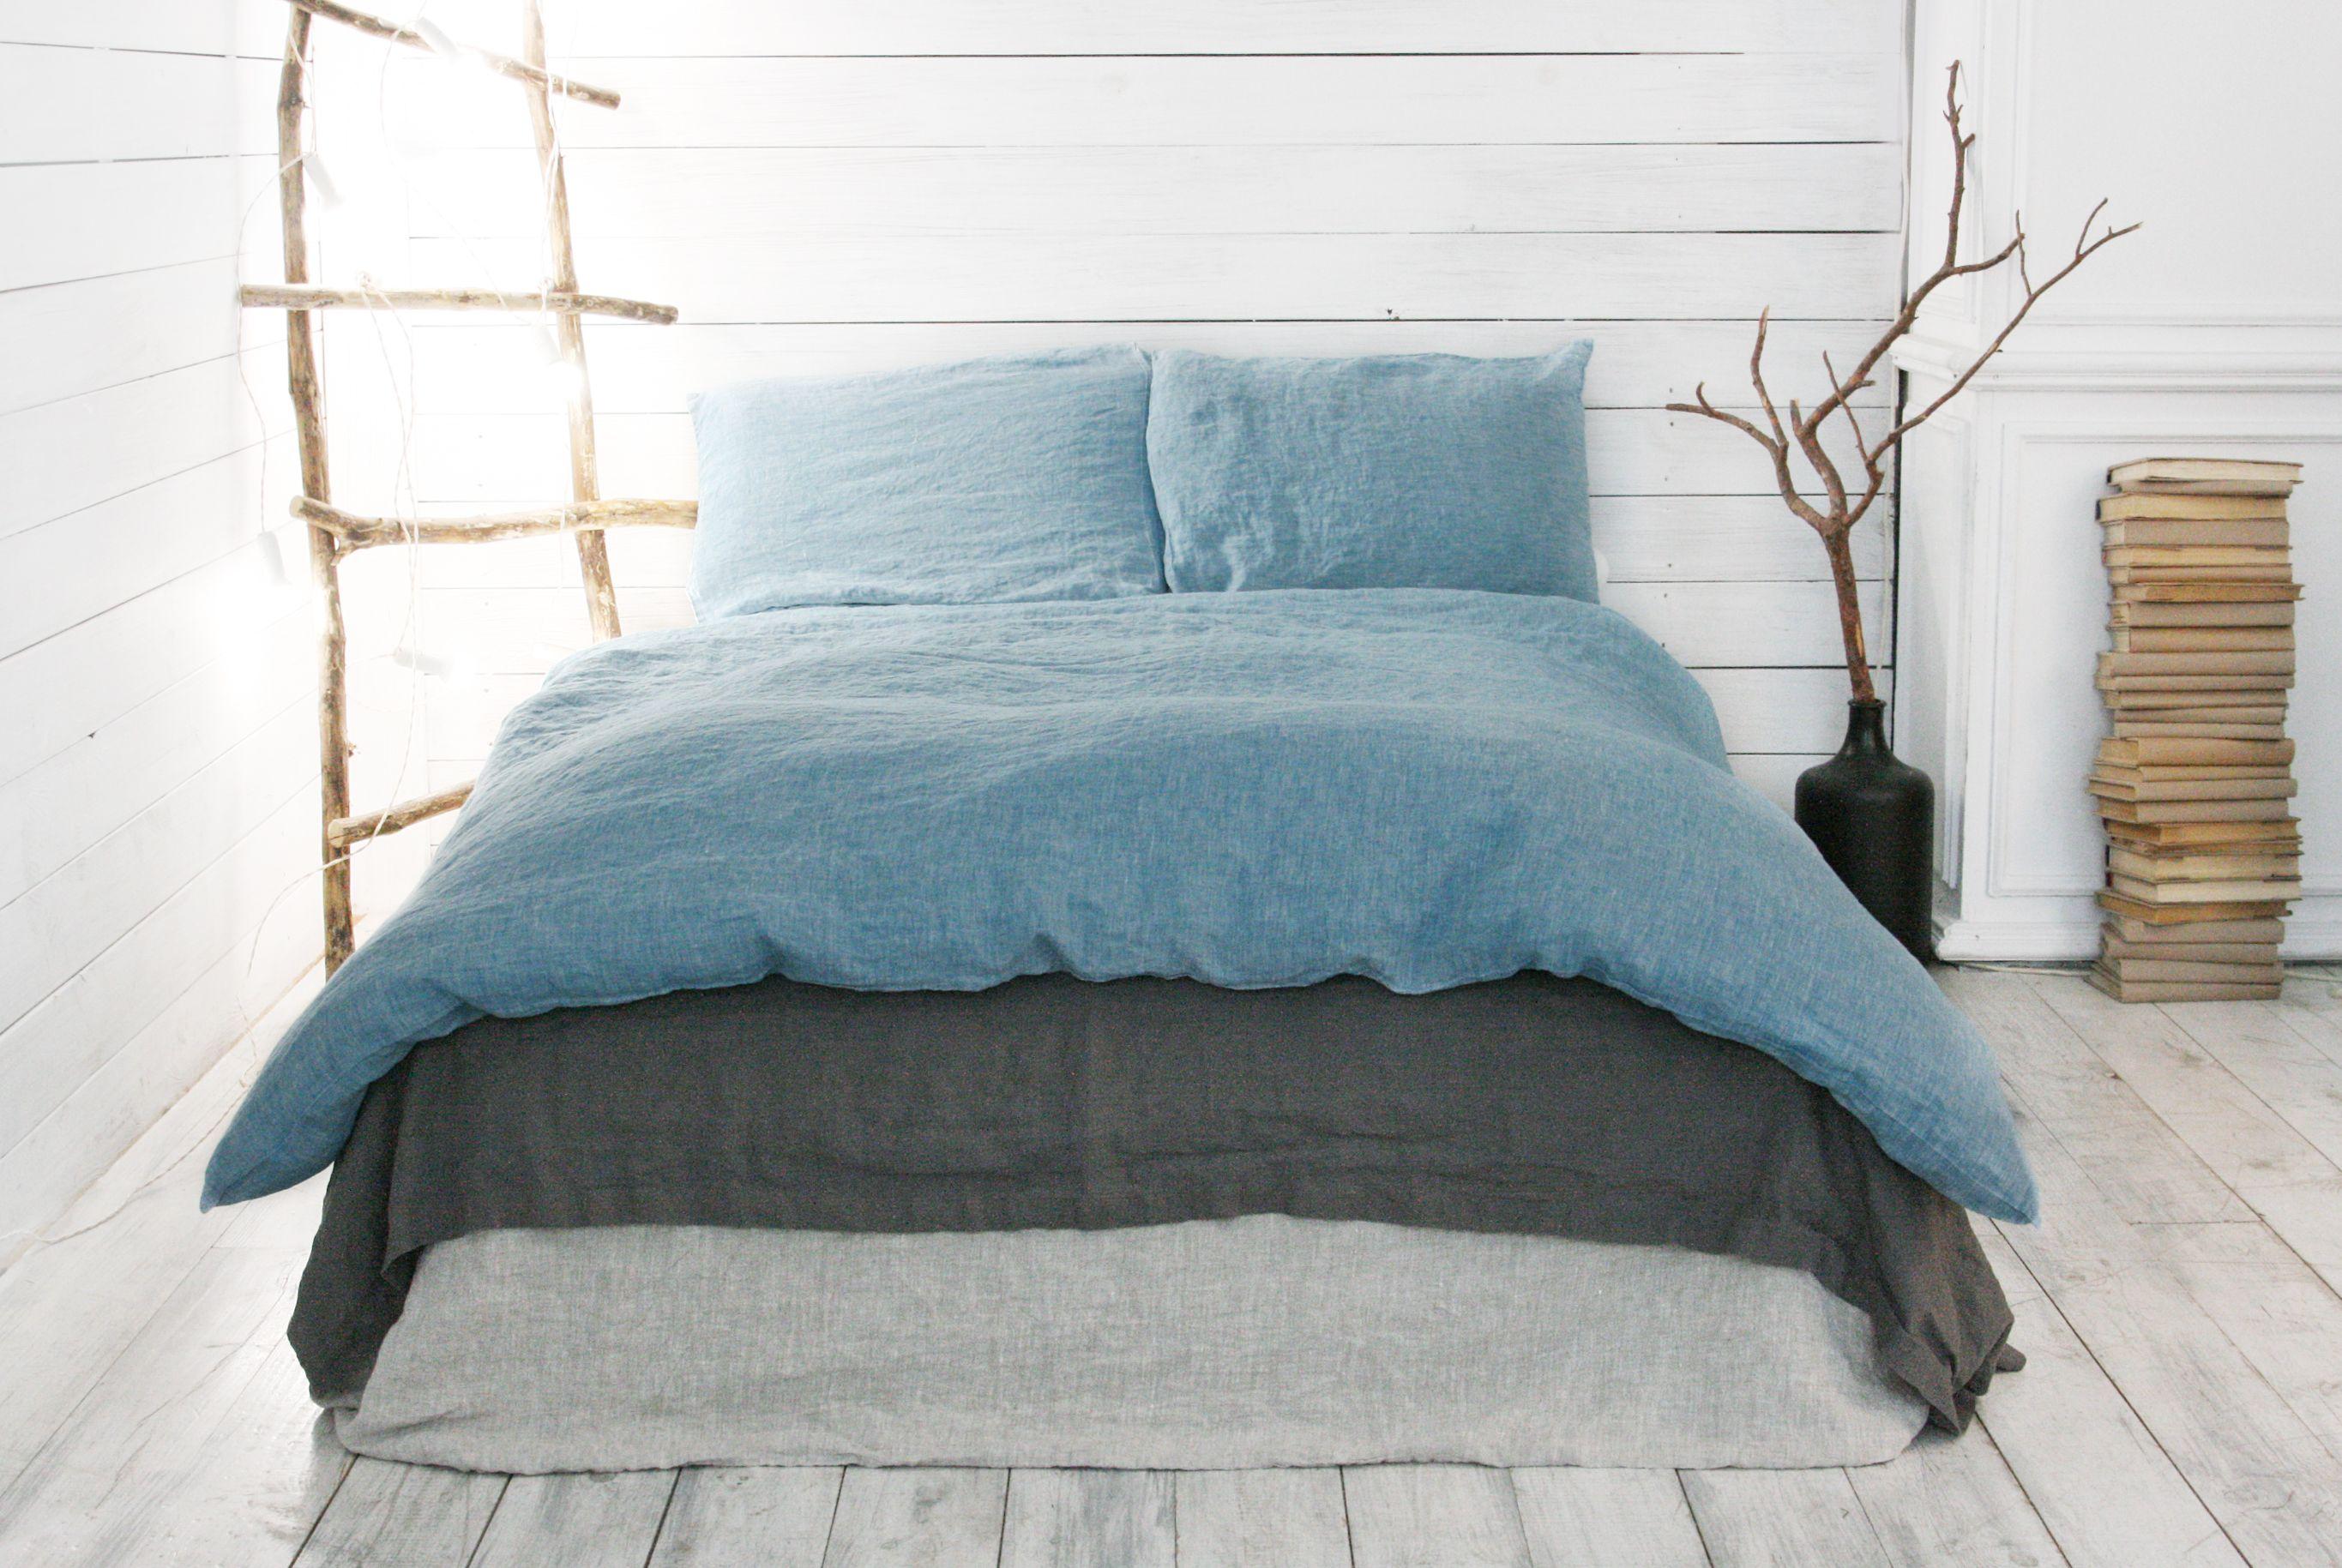 Linen Duvet Cover Set. Duvet Cover + 2 Pillowcases. Set 3